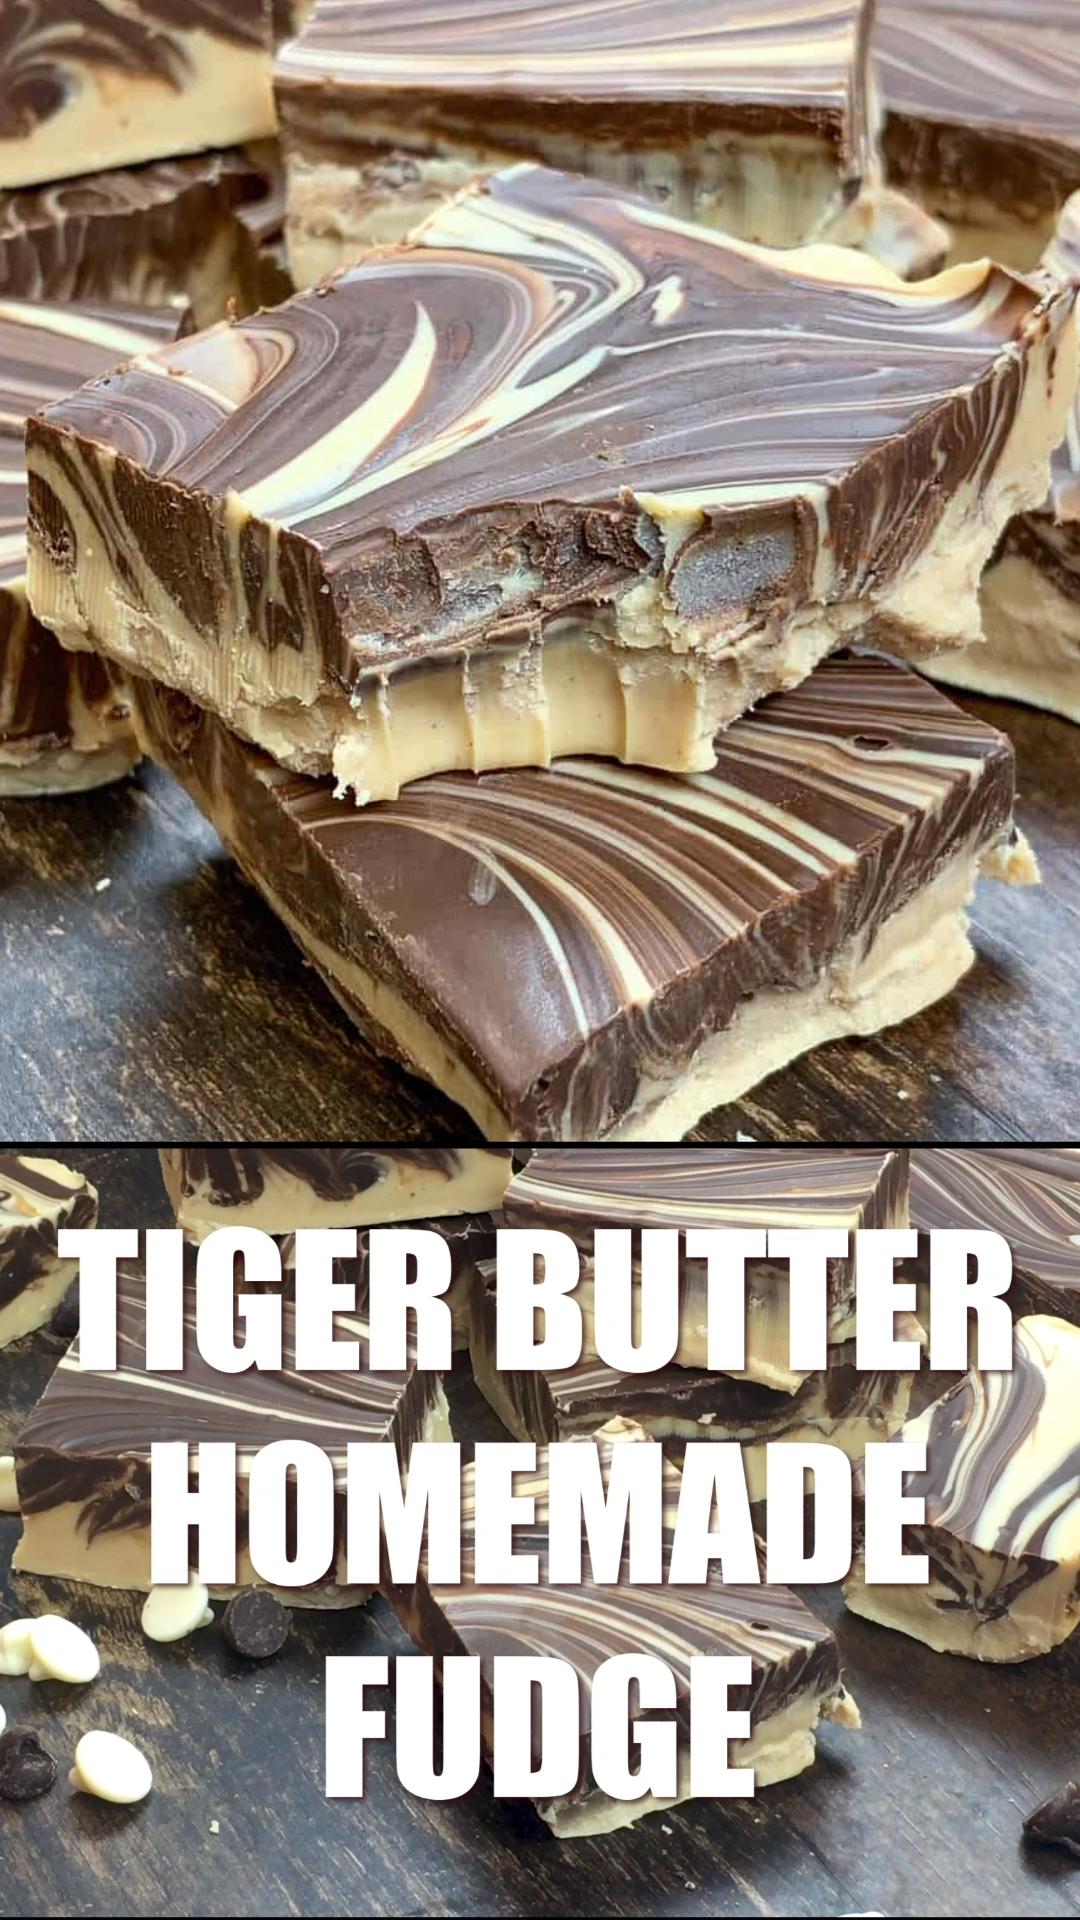 Tiger Butter Homemade Fudge